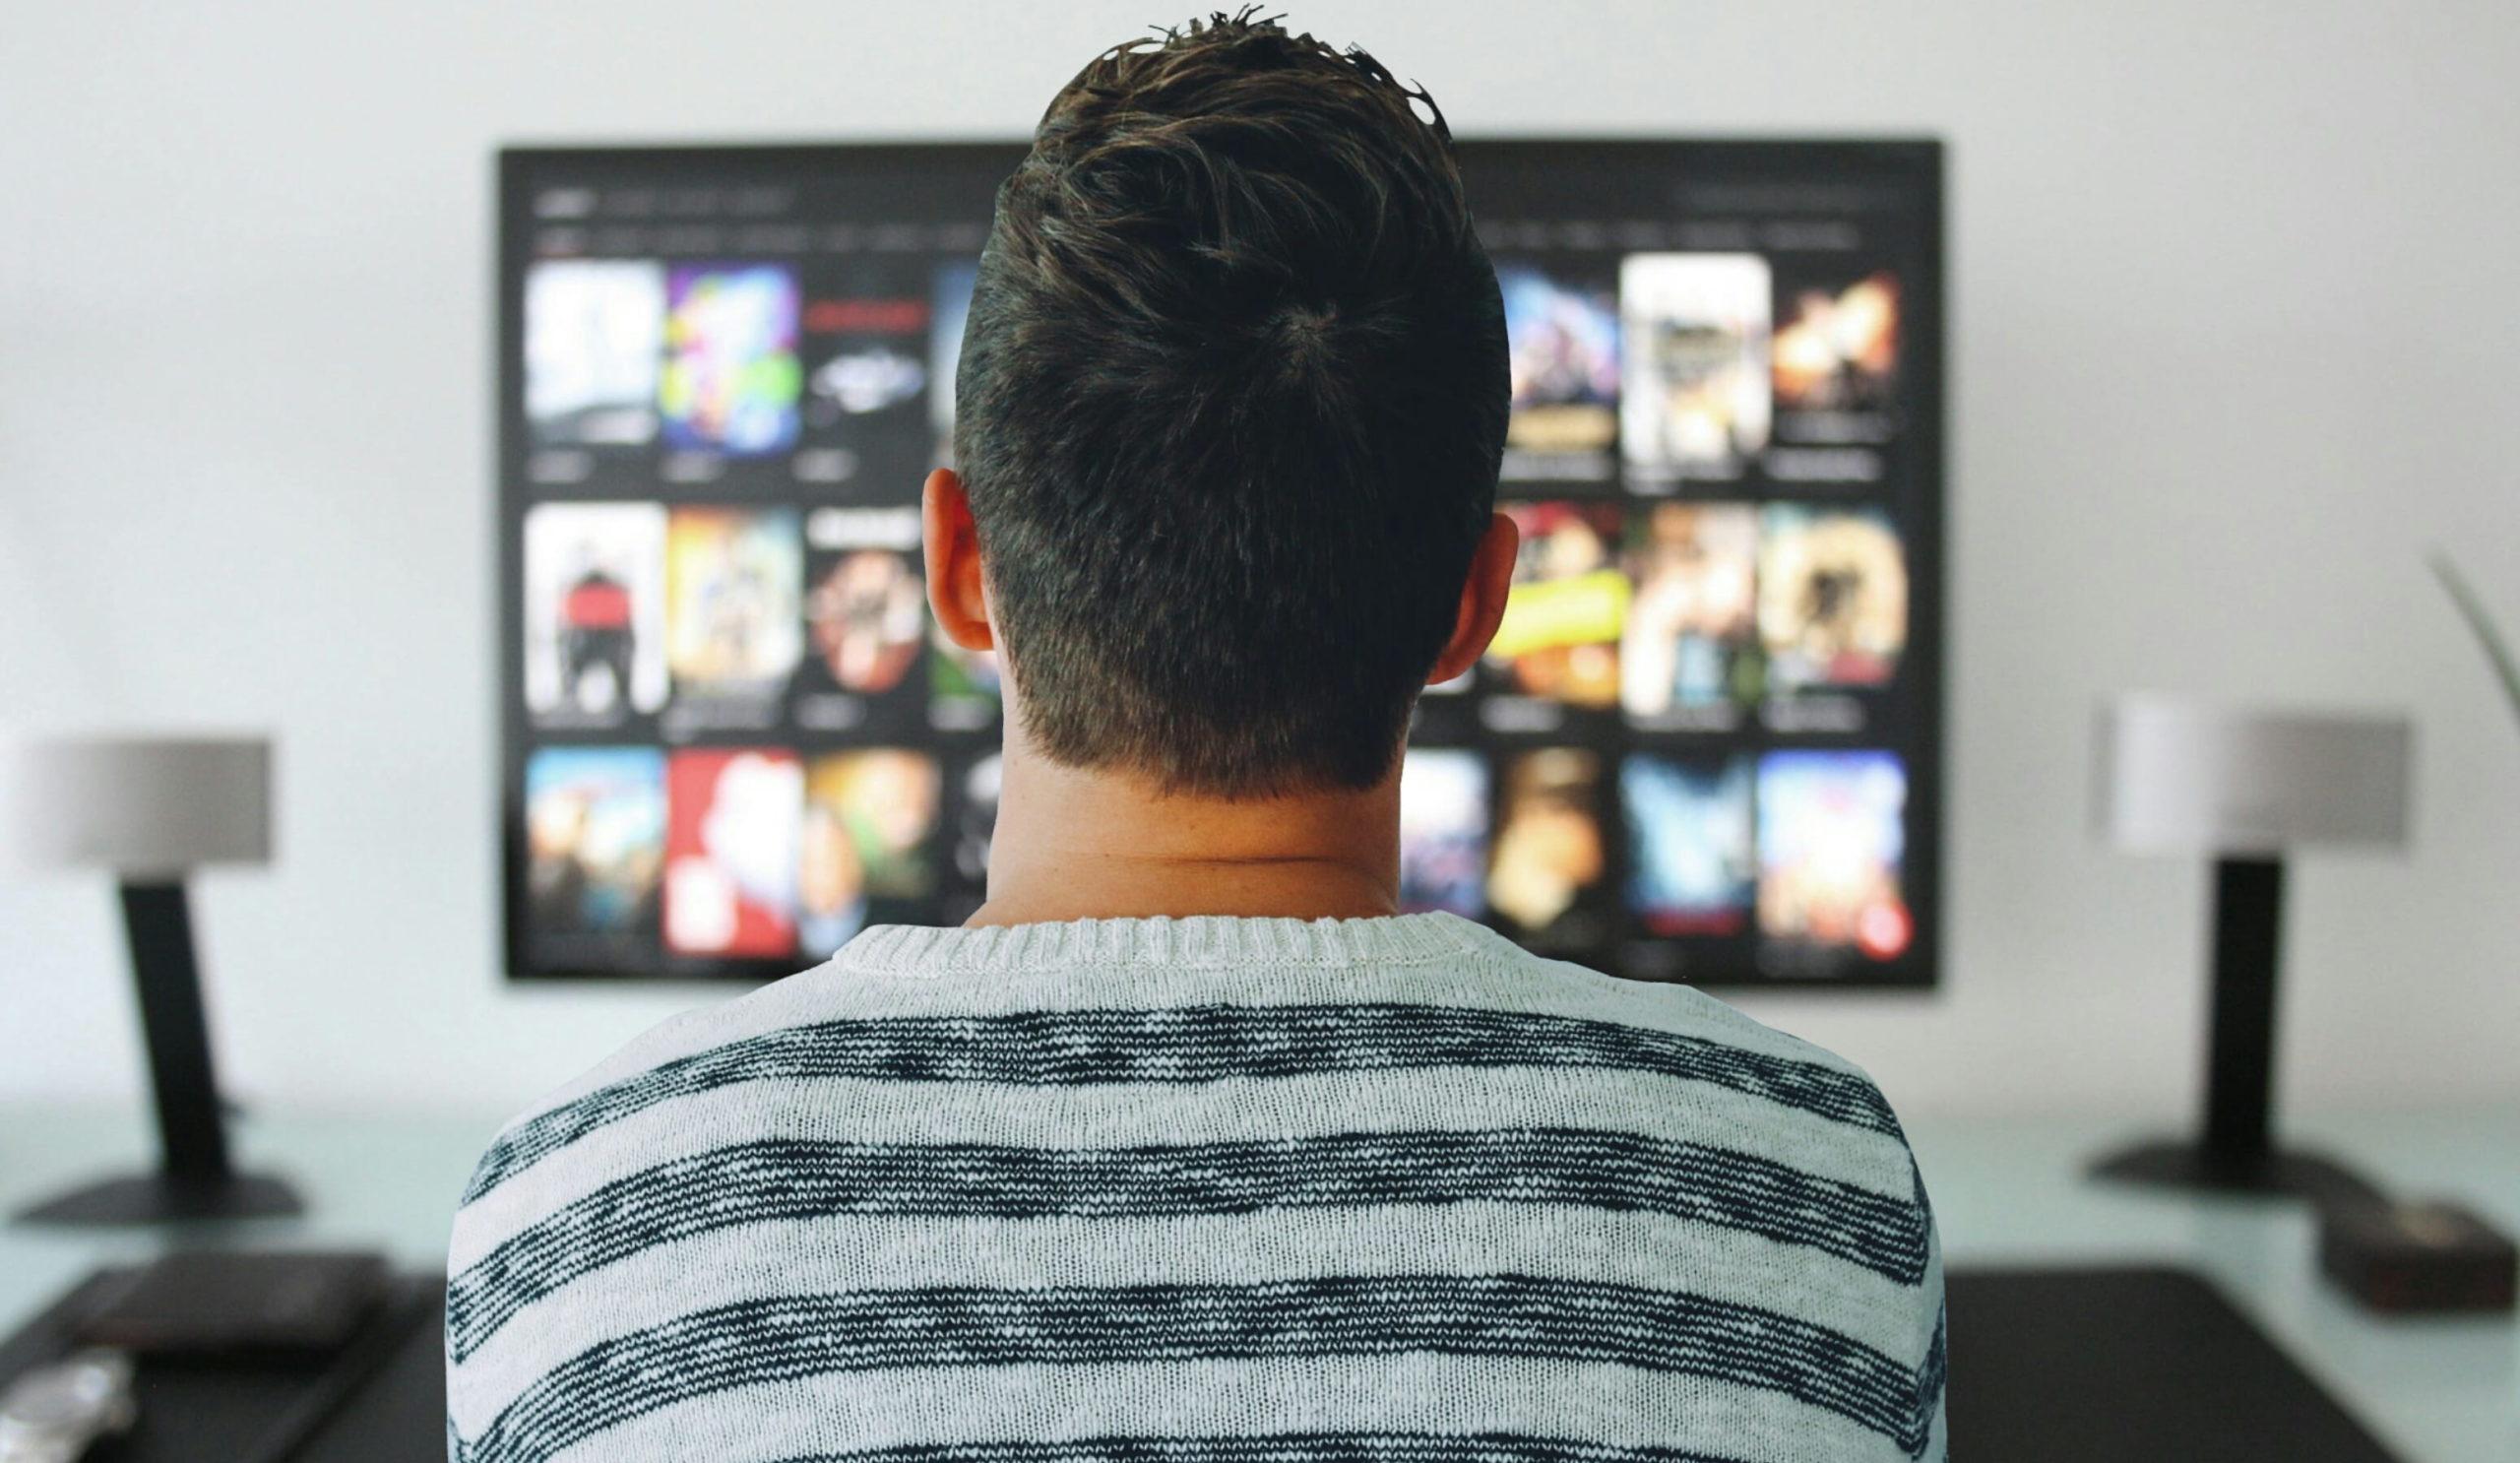 Comment l'IPTV est en train de bouleverser l'industrie télévisuelle et sportive en France